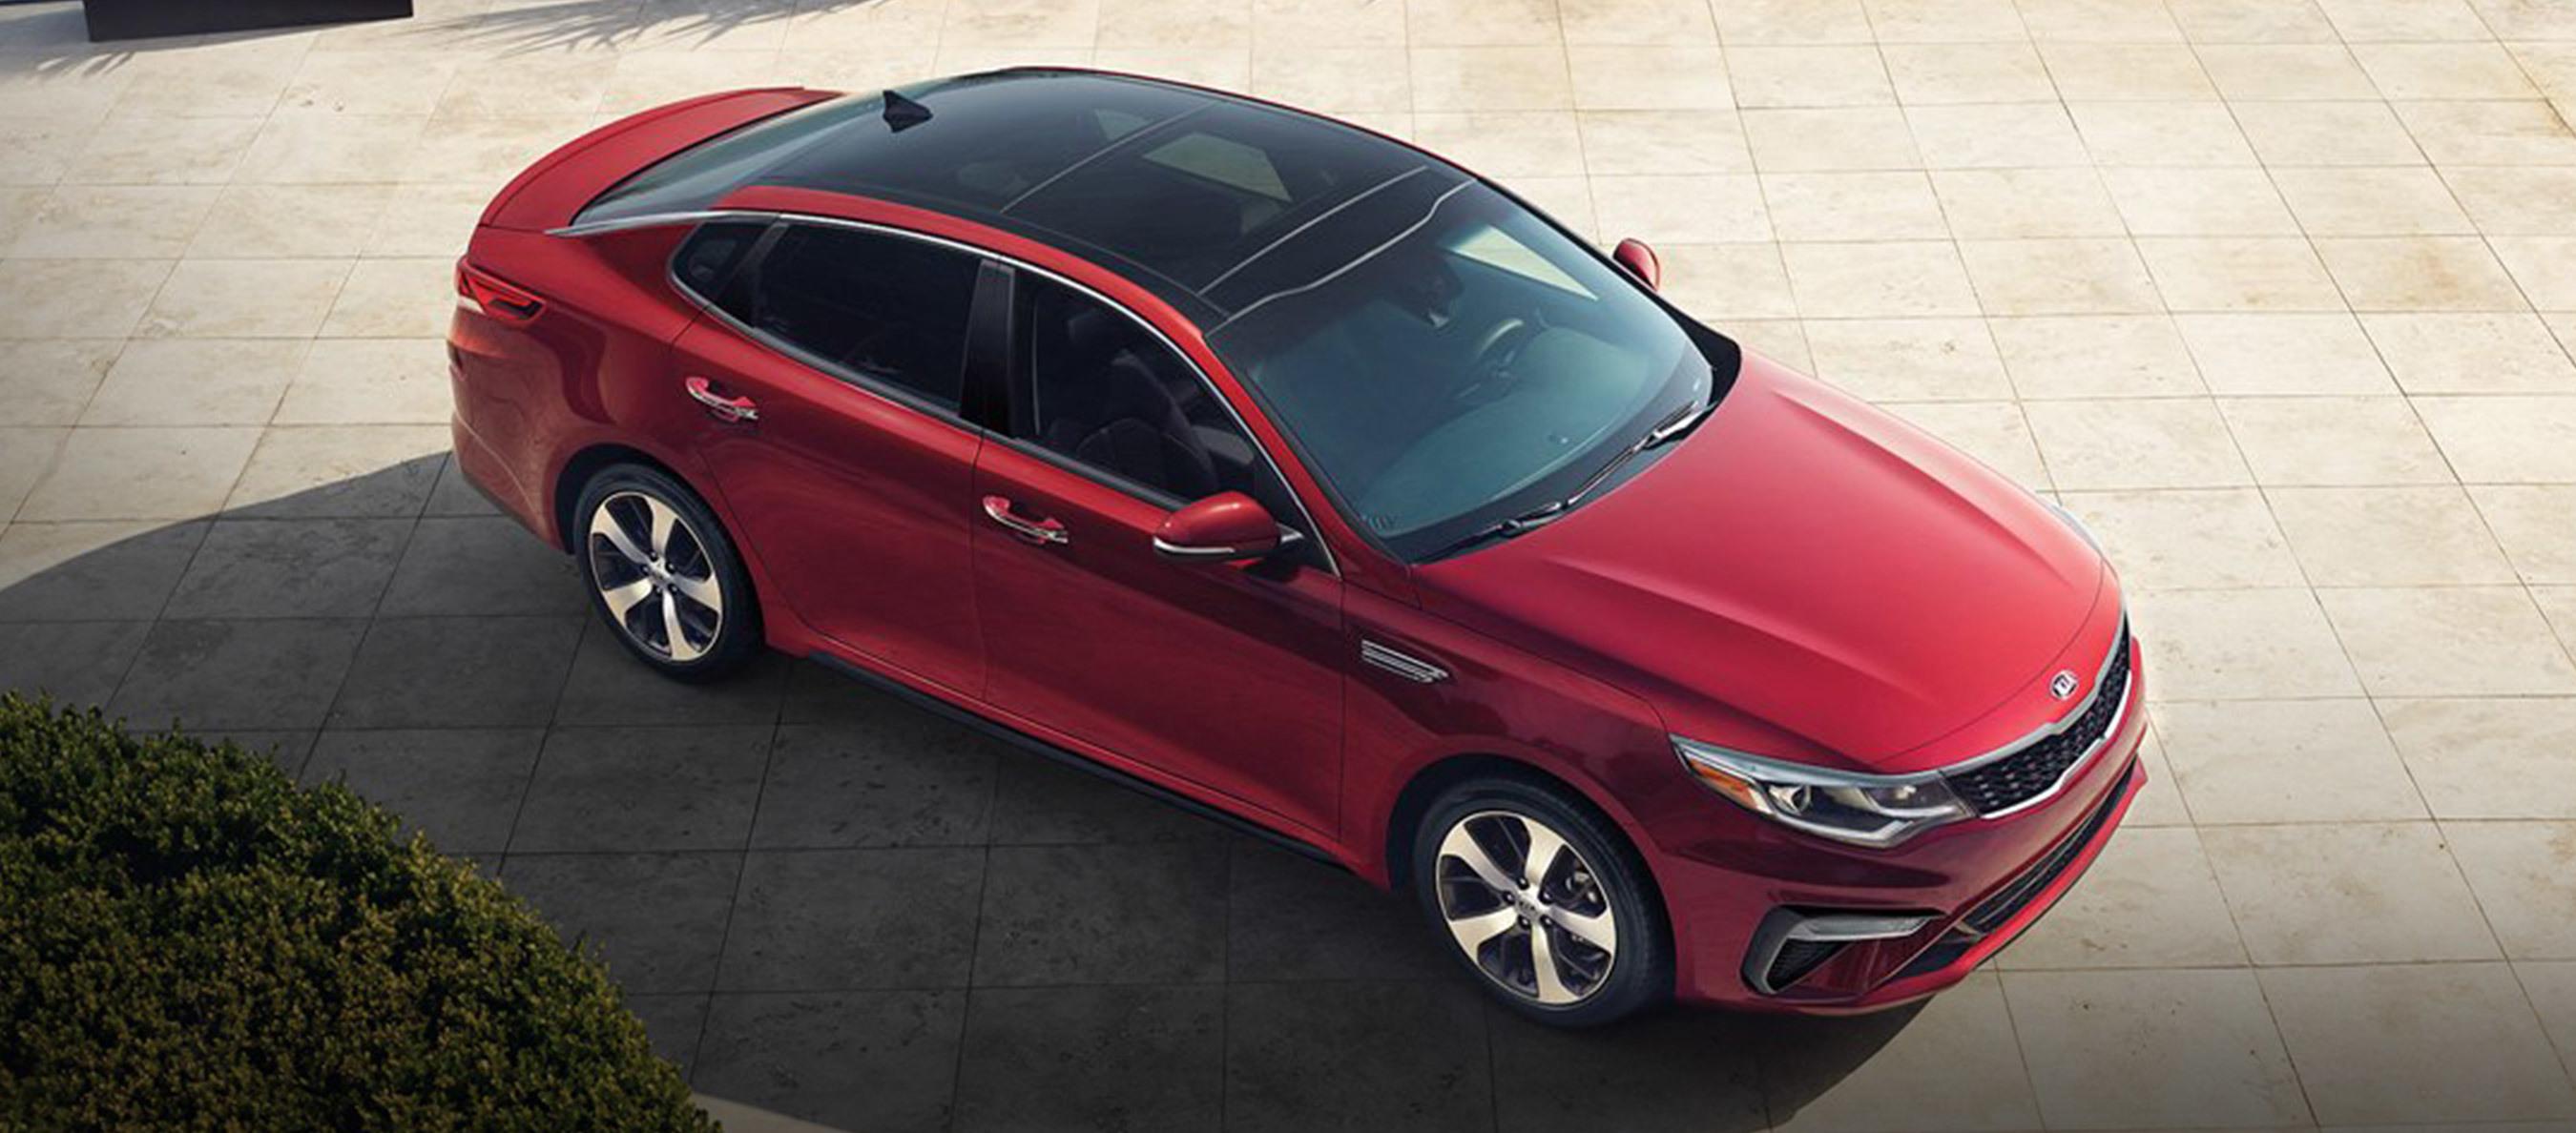 2020 Kia Optima for Sale near Escondido, CA